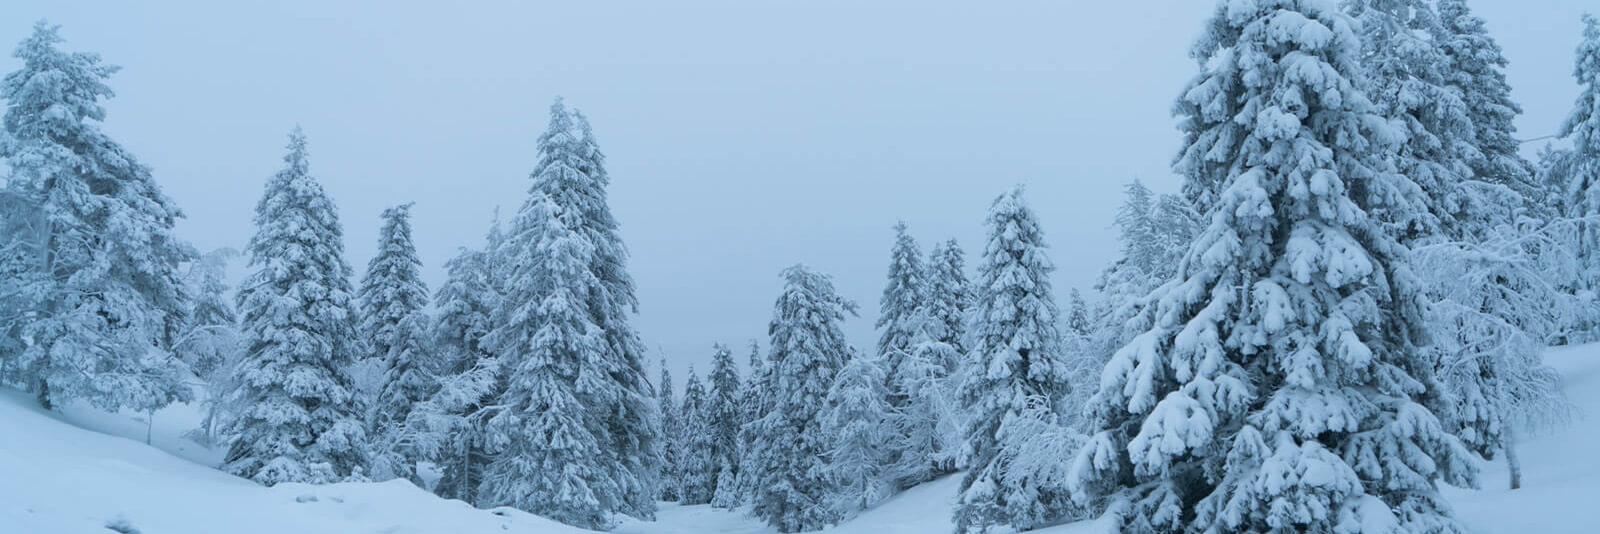 Frozen forest in Lapland, northern Finland